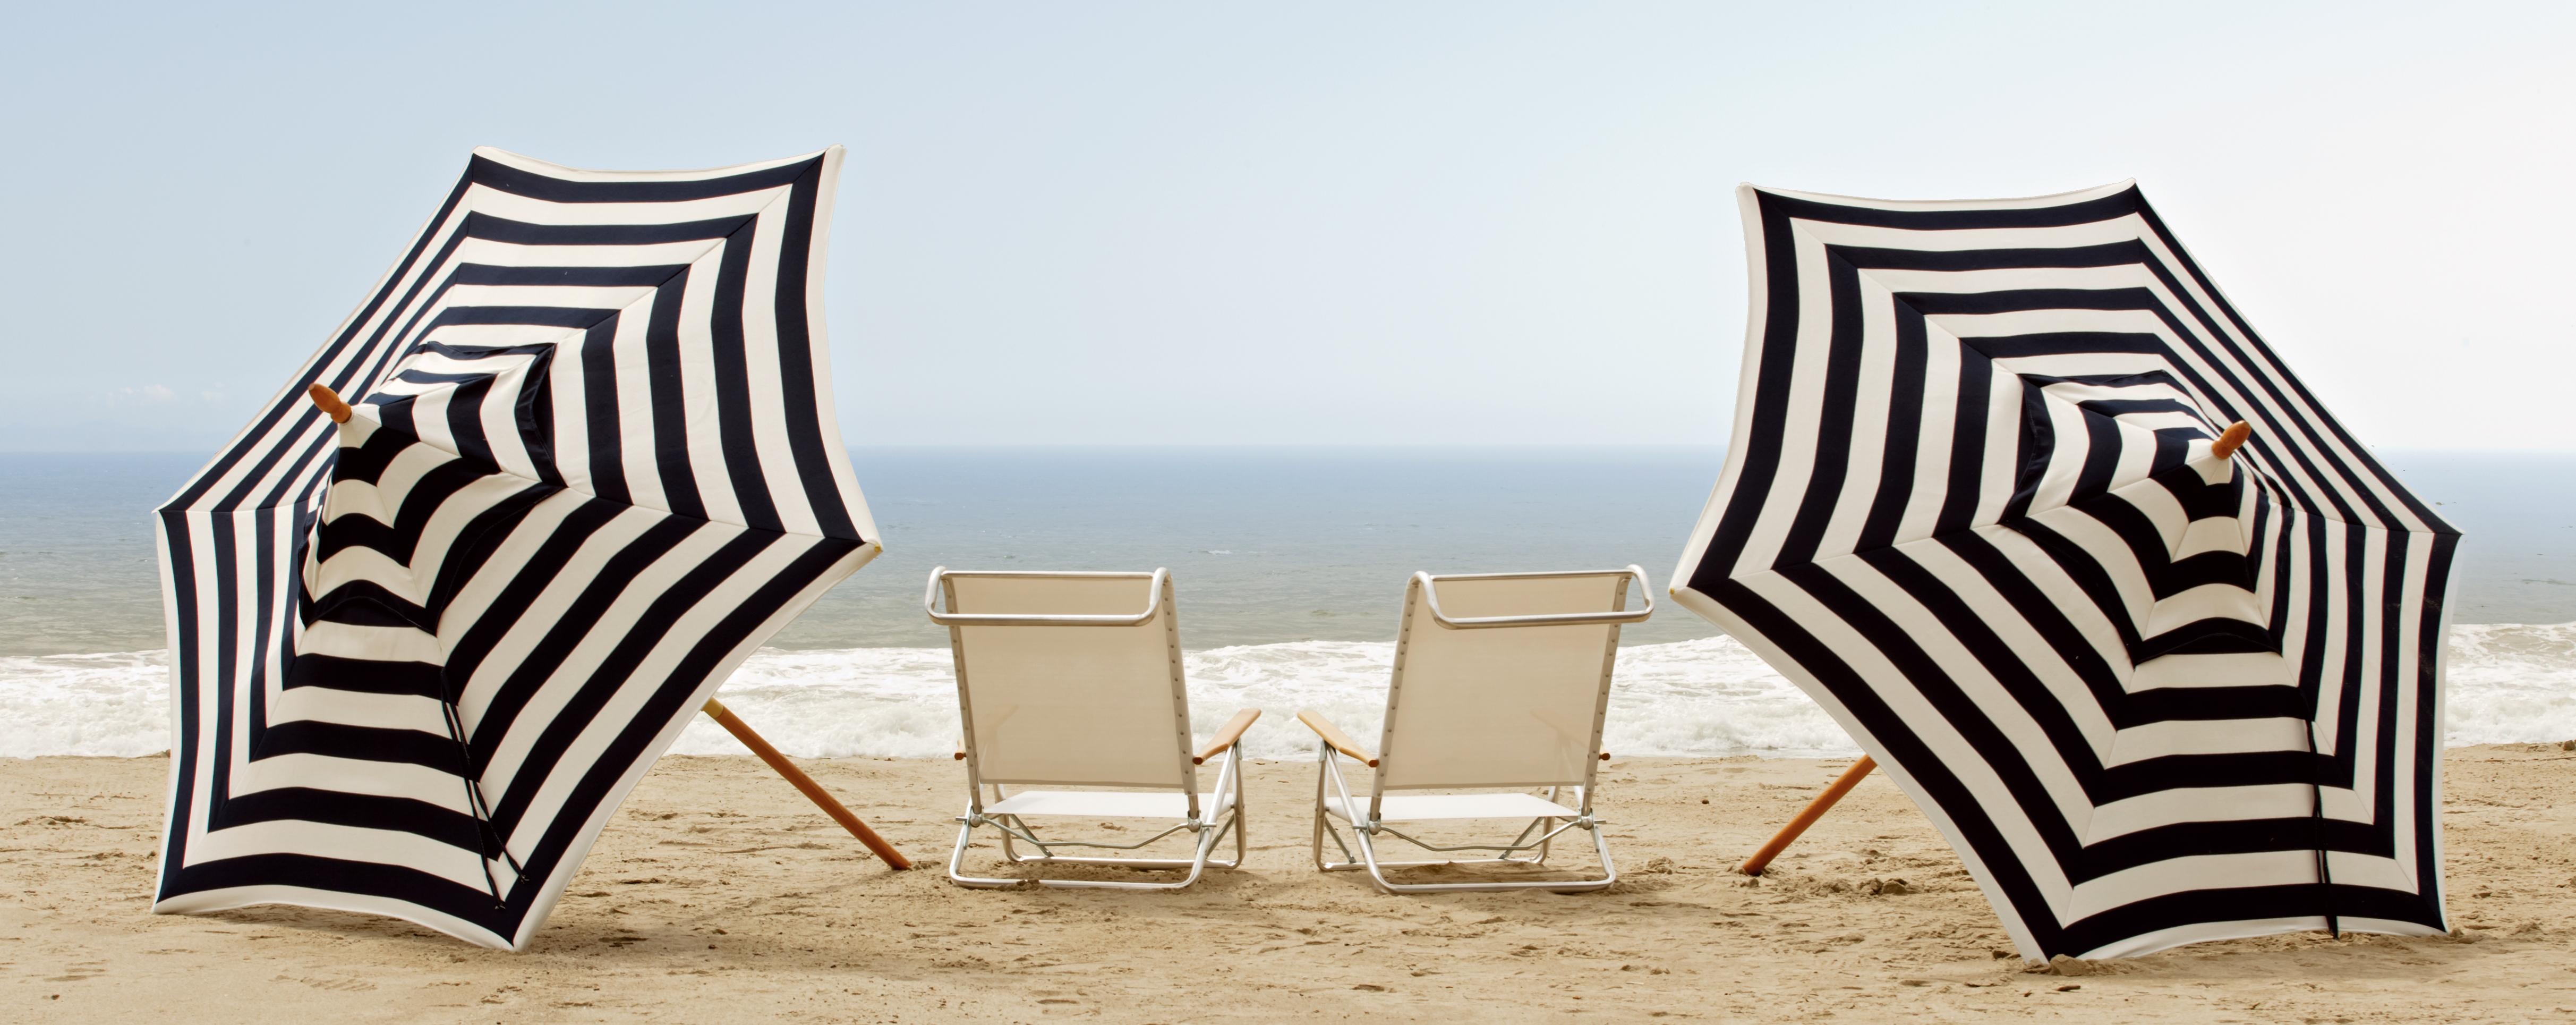 beach-1.1.jpg-cropped.jpg